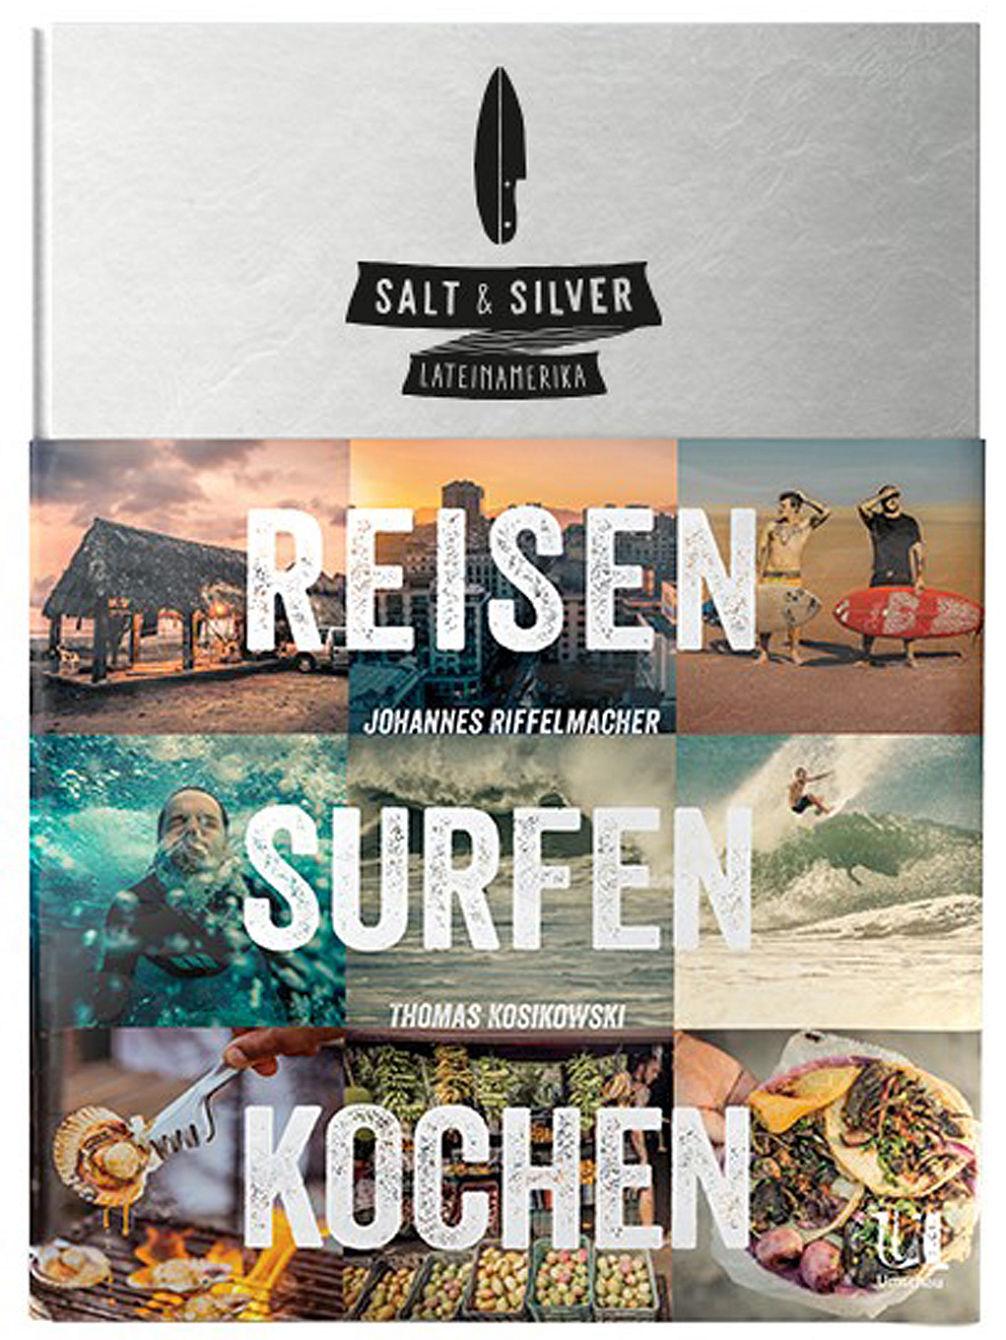 salt-silver-reisen-surfen-kochen-lateinamerika